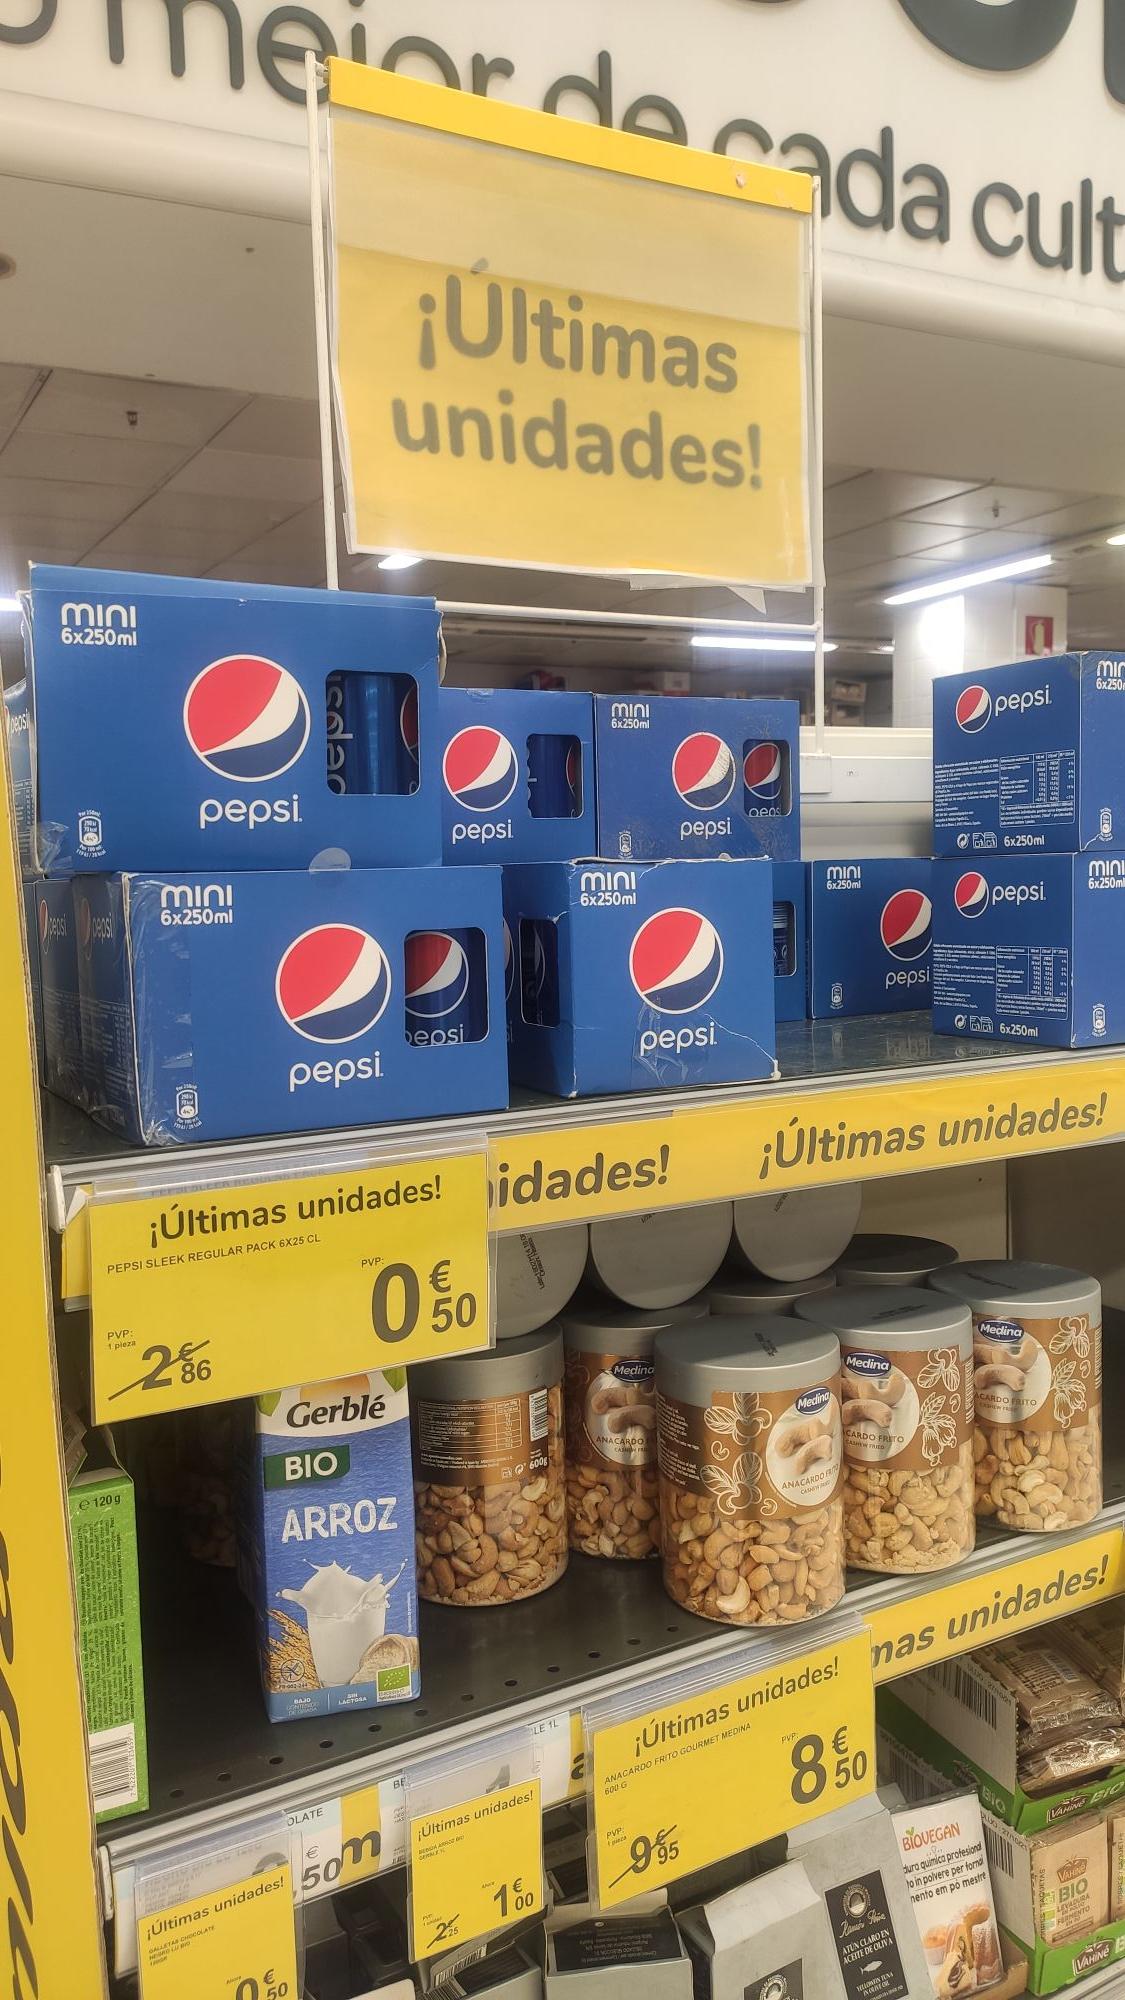 Pepsi mini en carrefour ciudad de la imagen Madrid